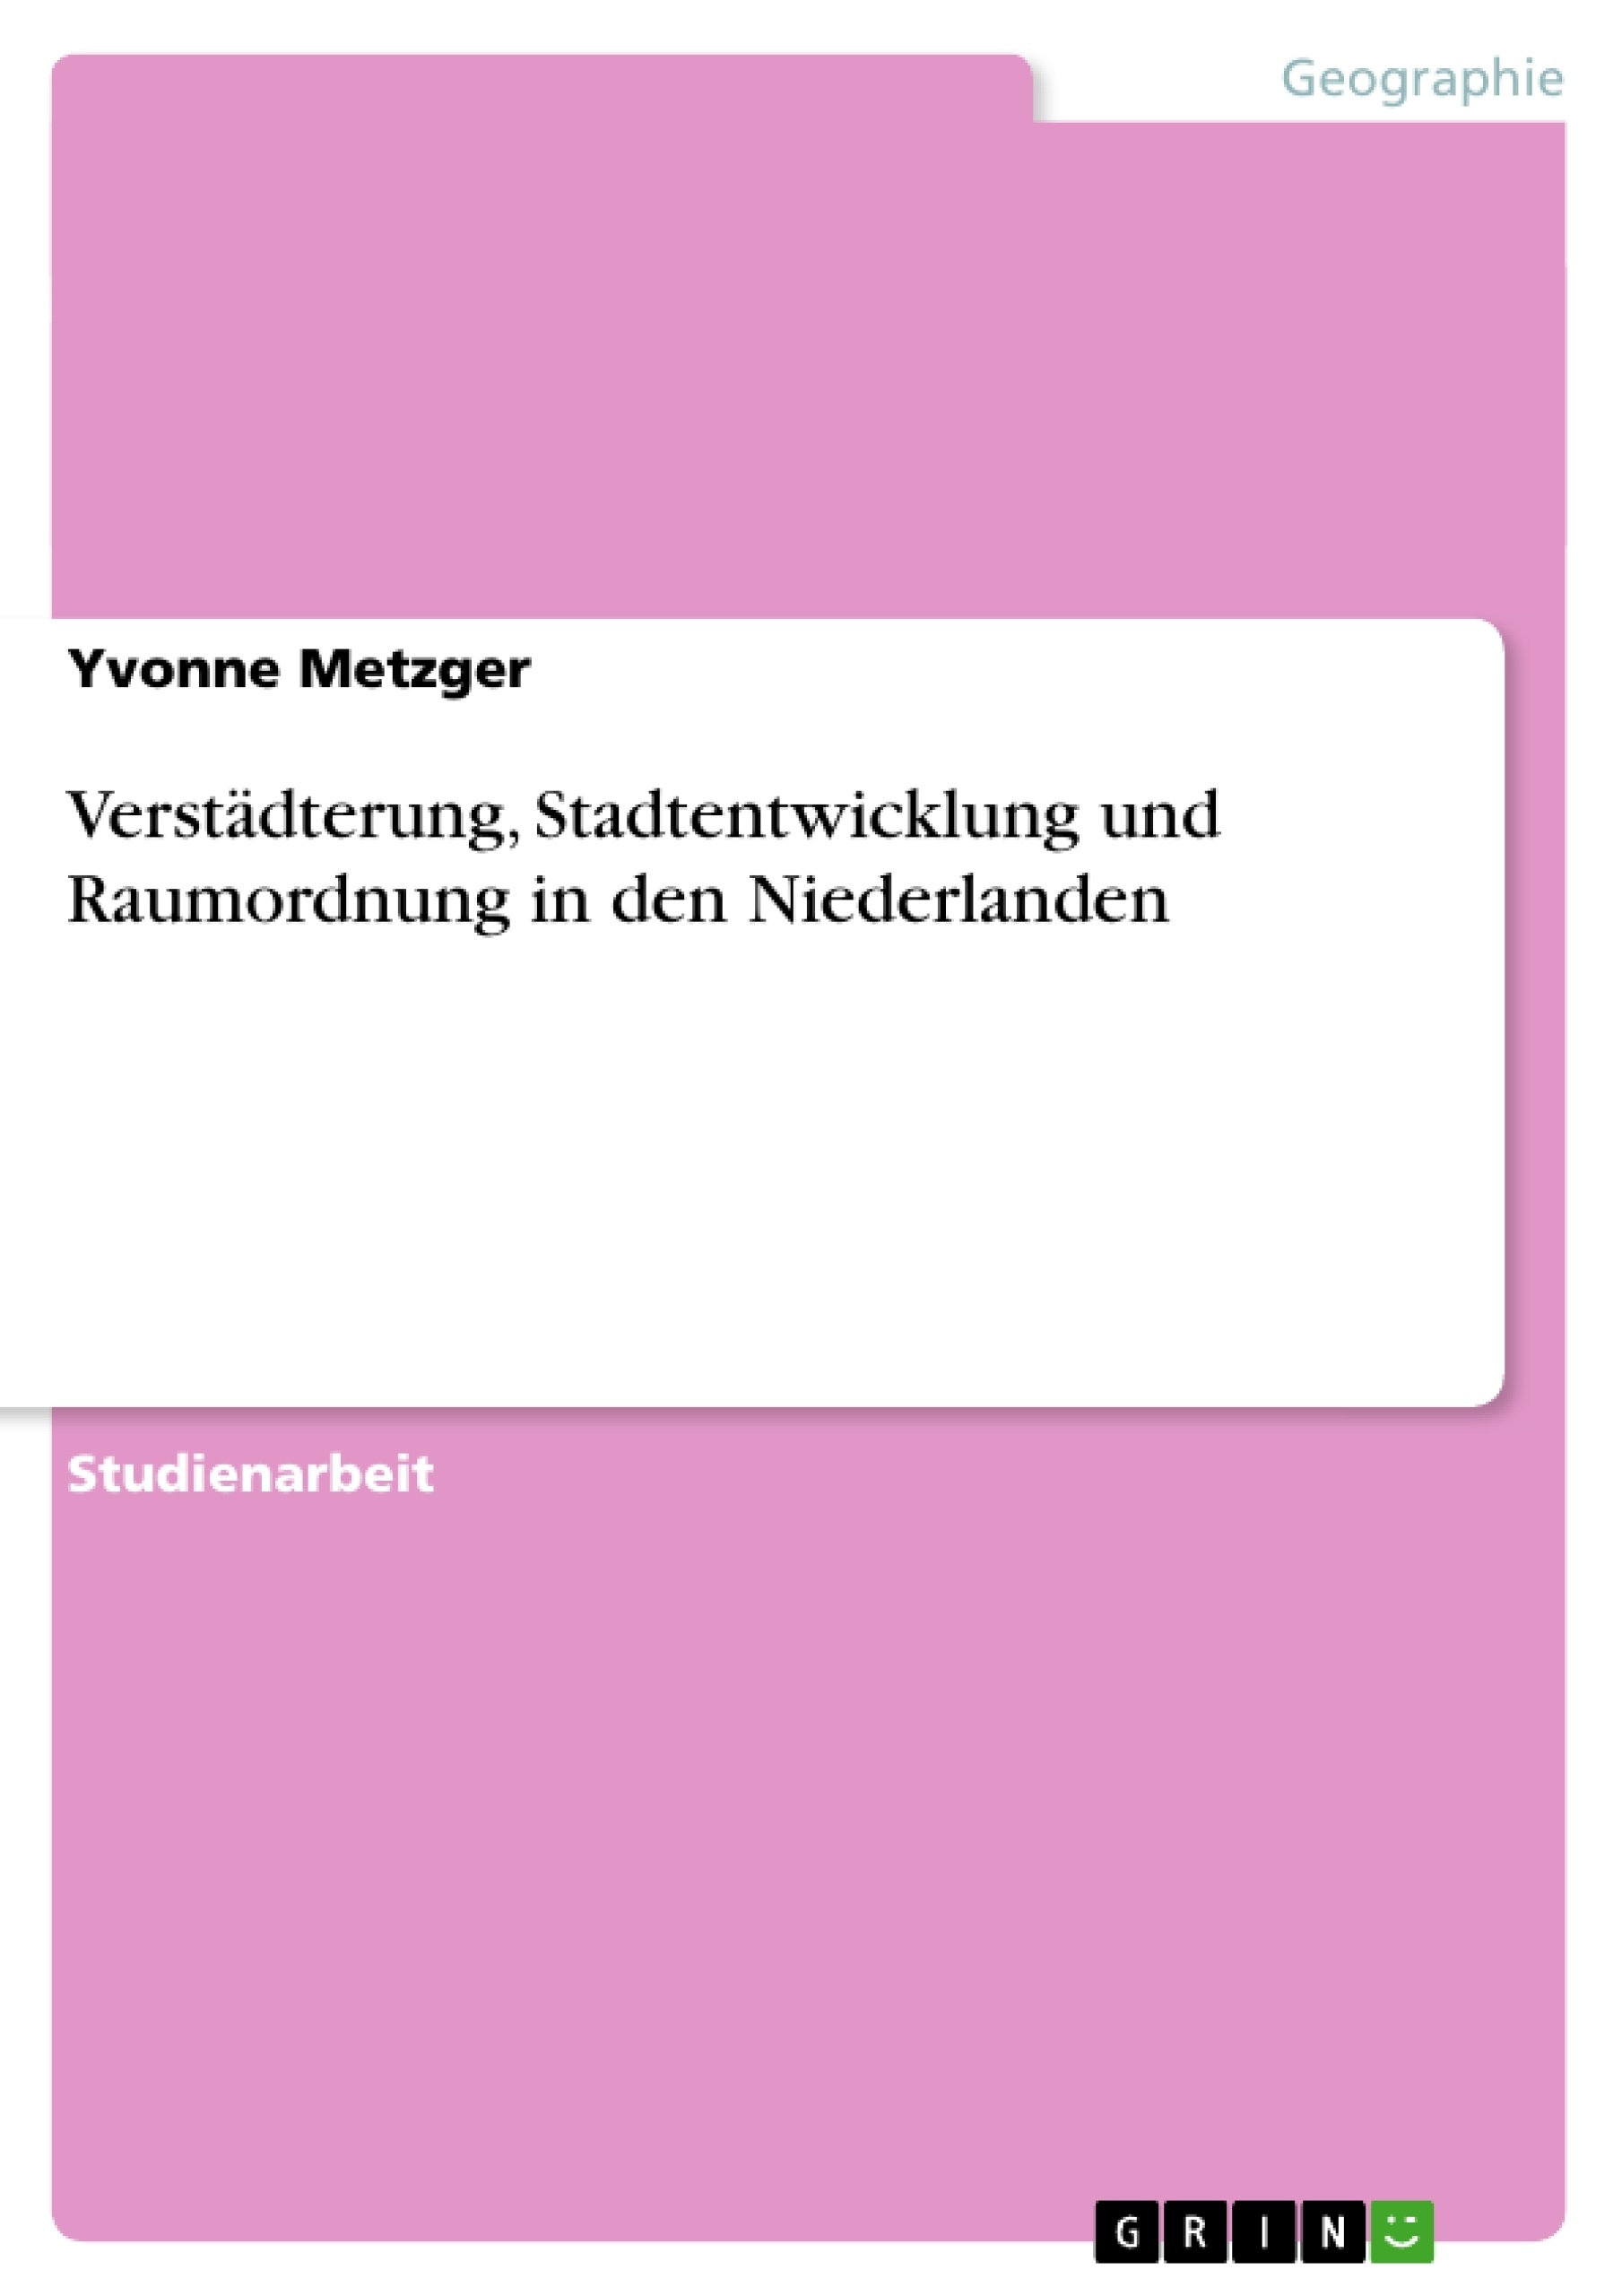 Titel: Verstädterung, Stadtentwicklung und Raumordnung in den Niederlanden